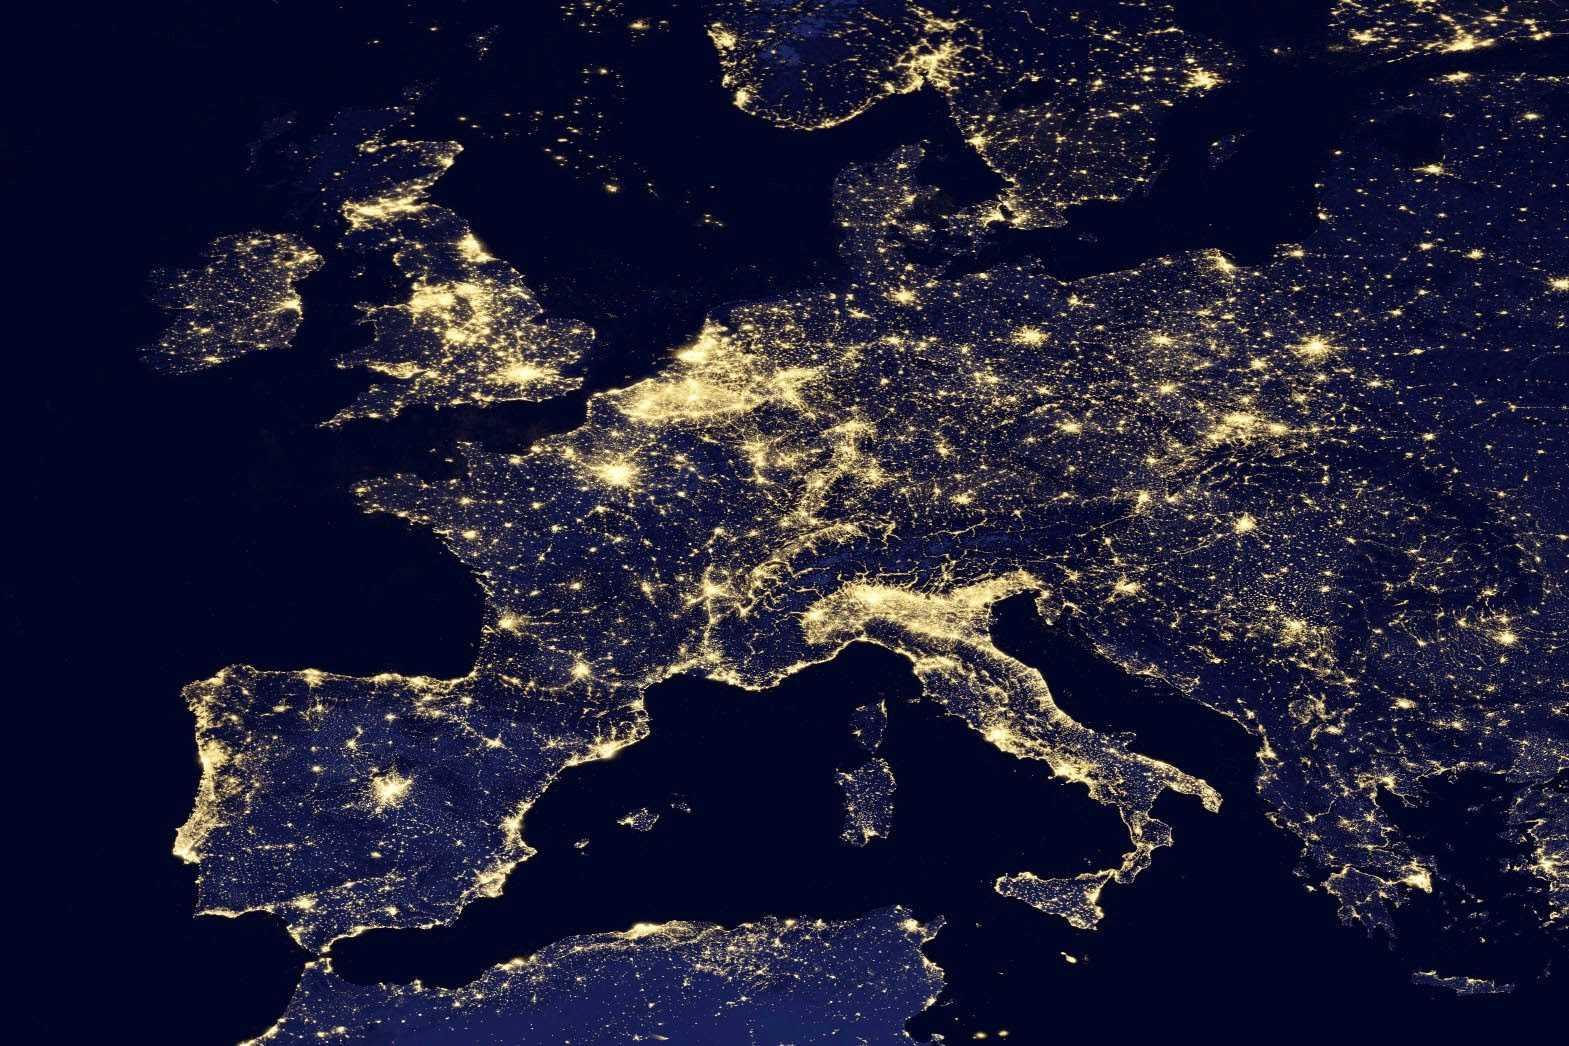 Έπενδύσεις-μαμούθ από την Ε.Ε. στην ενέργεια